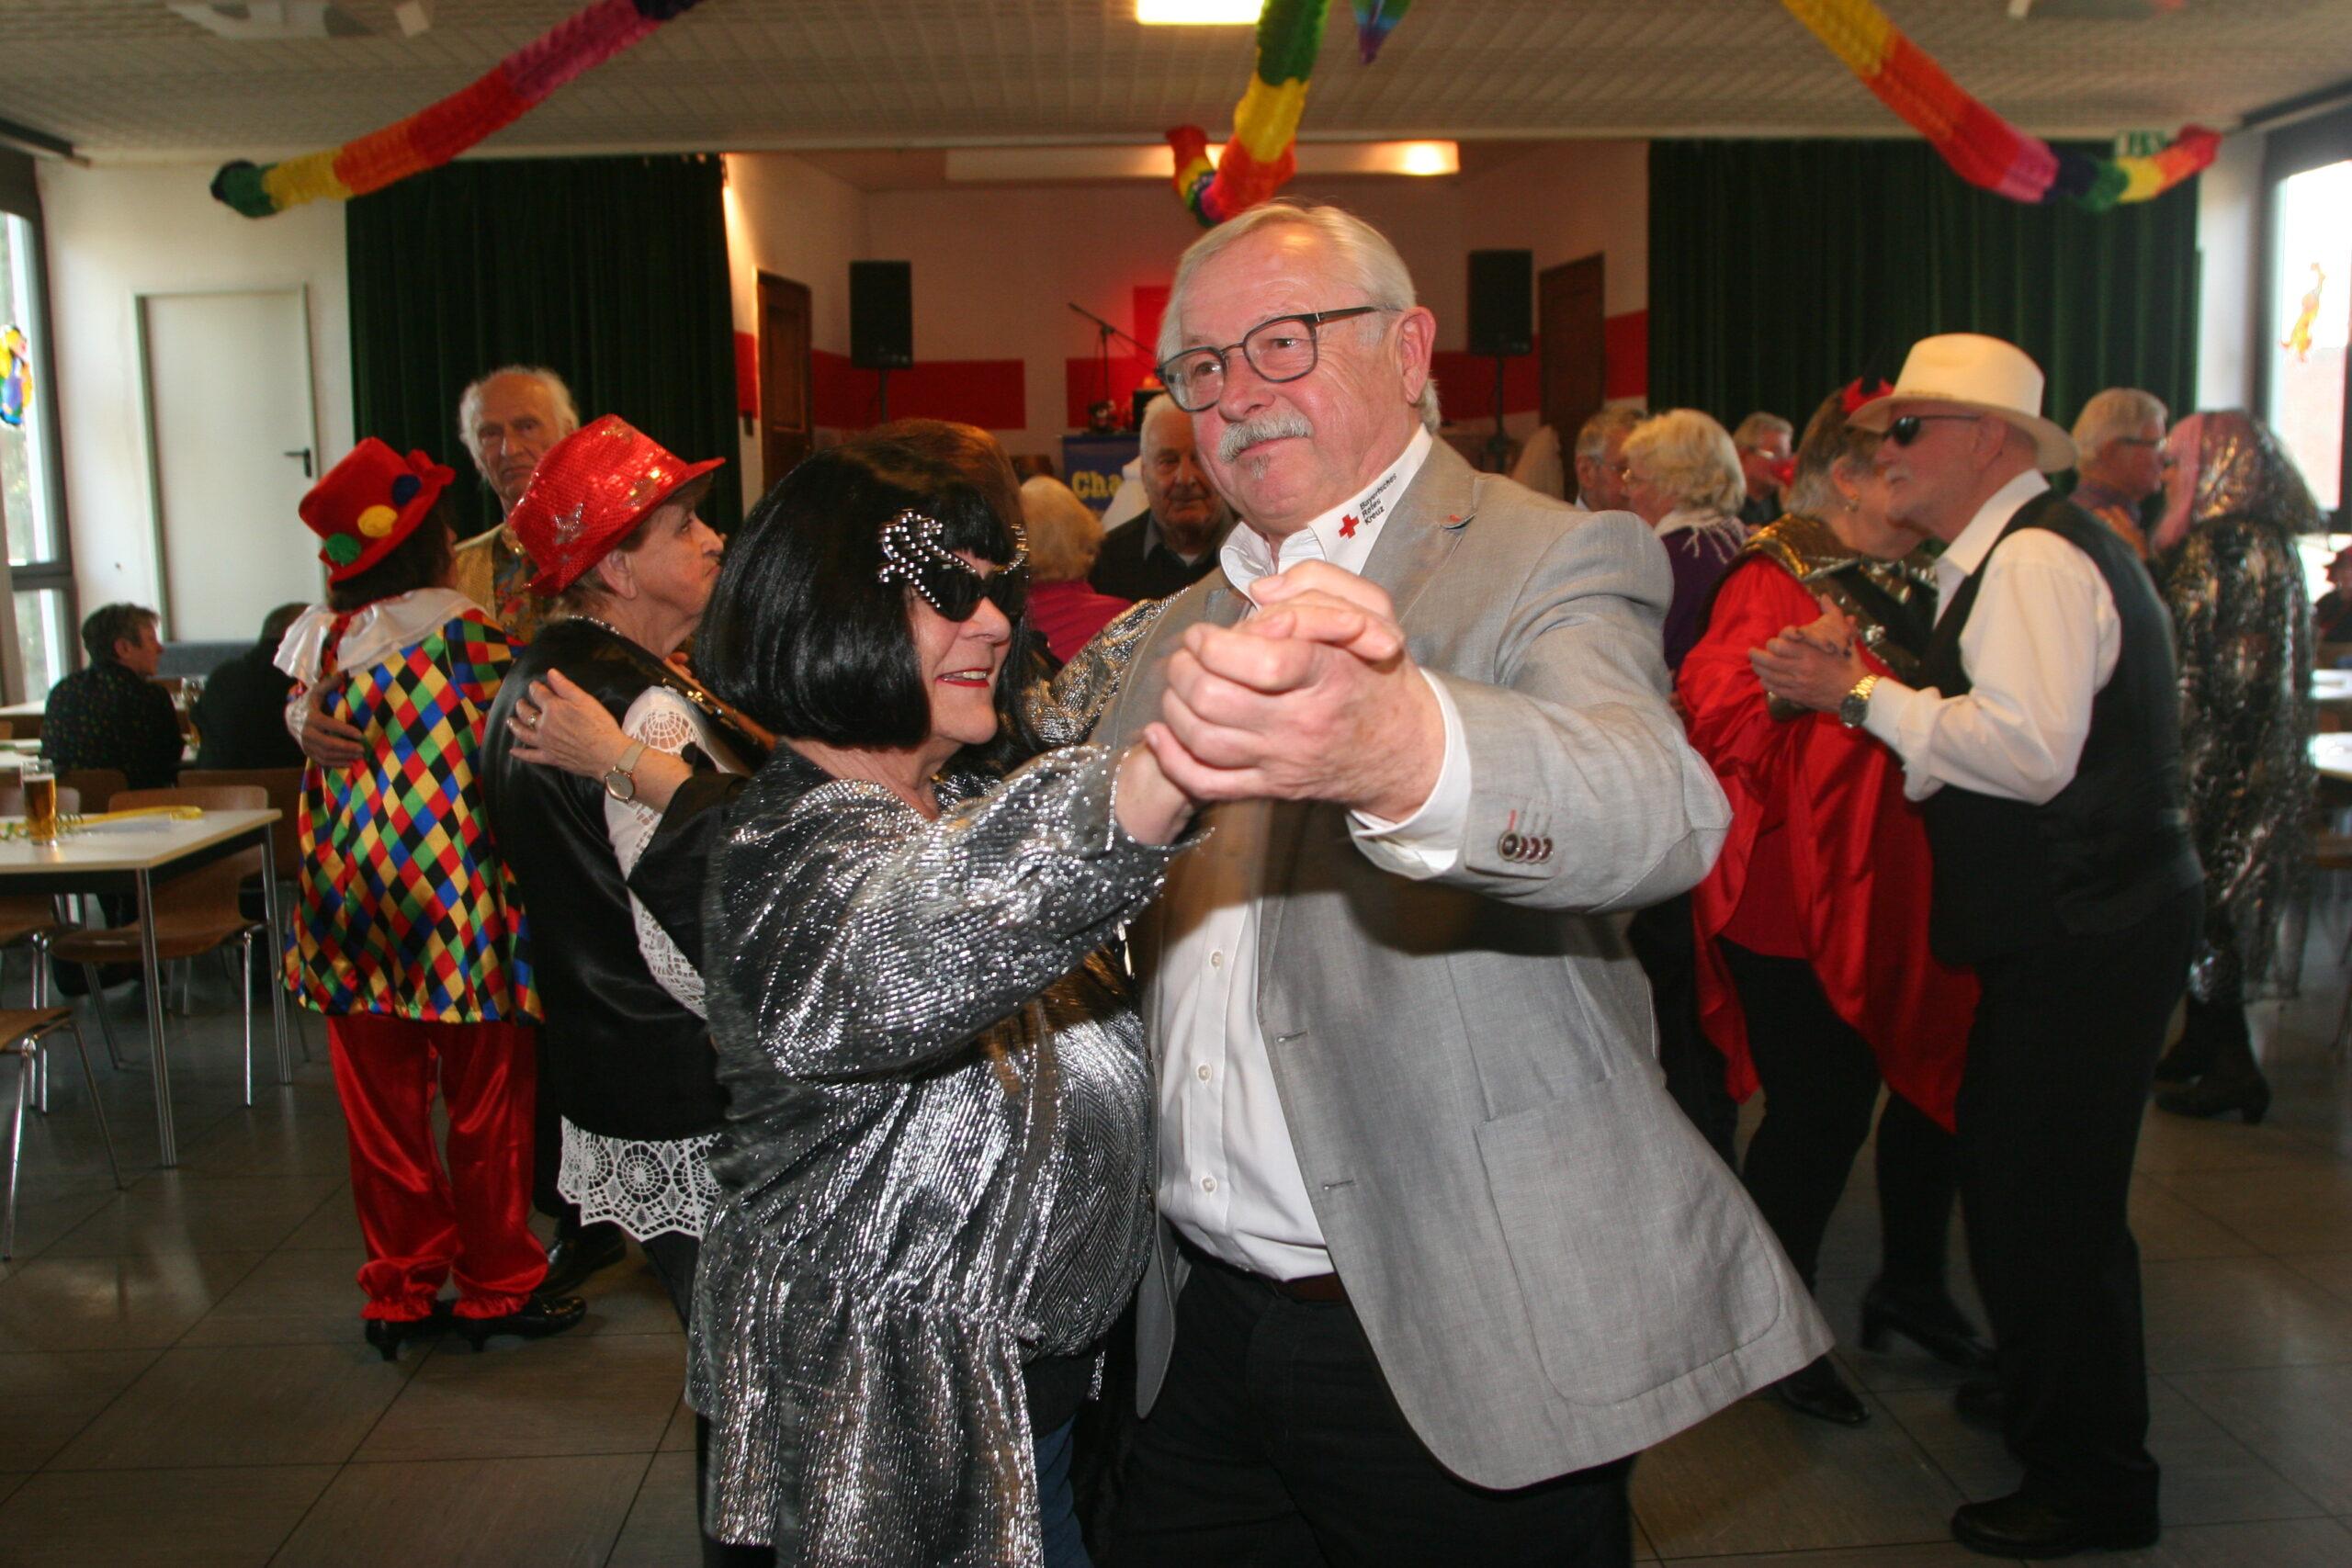 Hans Ramsteiner mit Tanzpartnerin Rita Schieri auf dem Parkett.